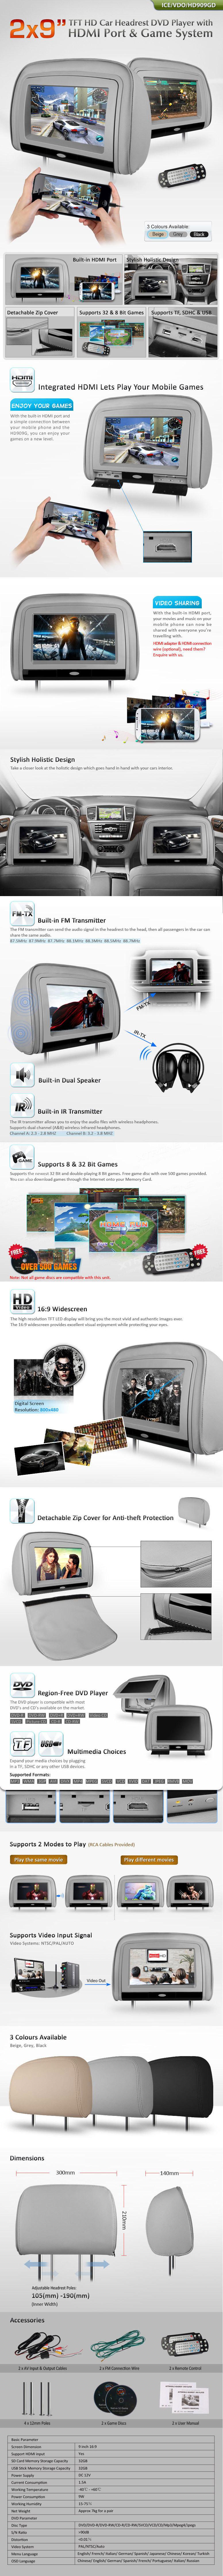 HD909DG